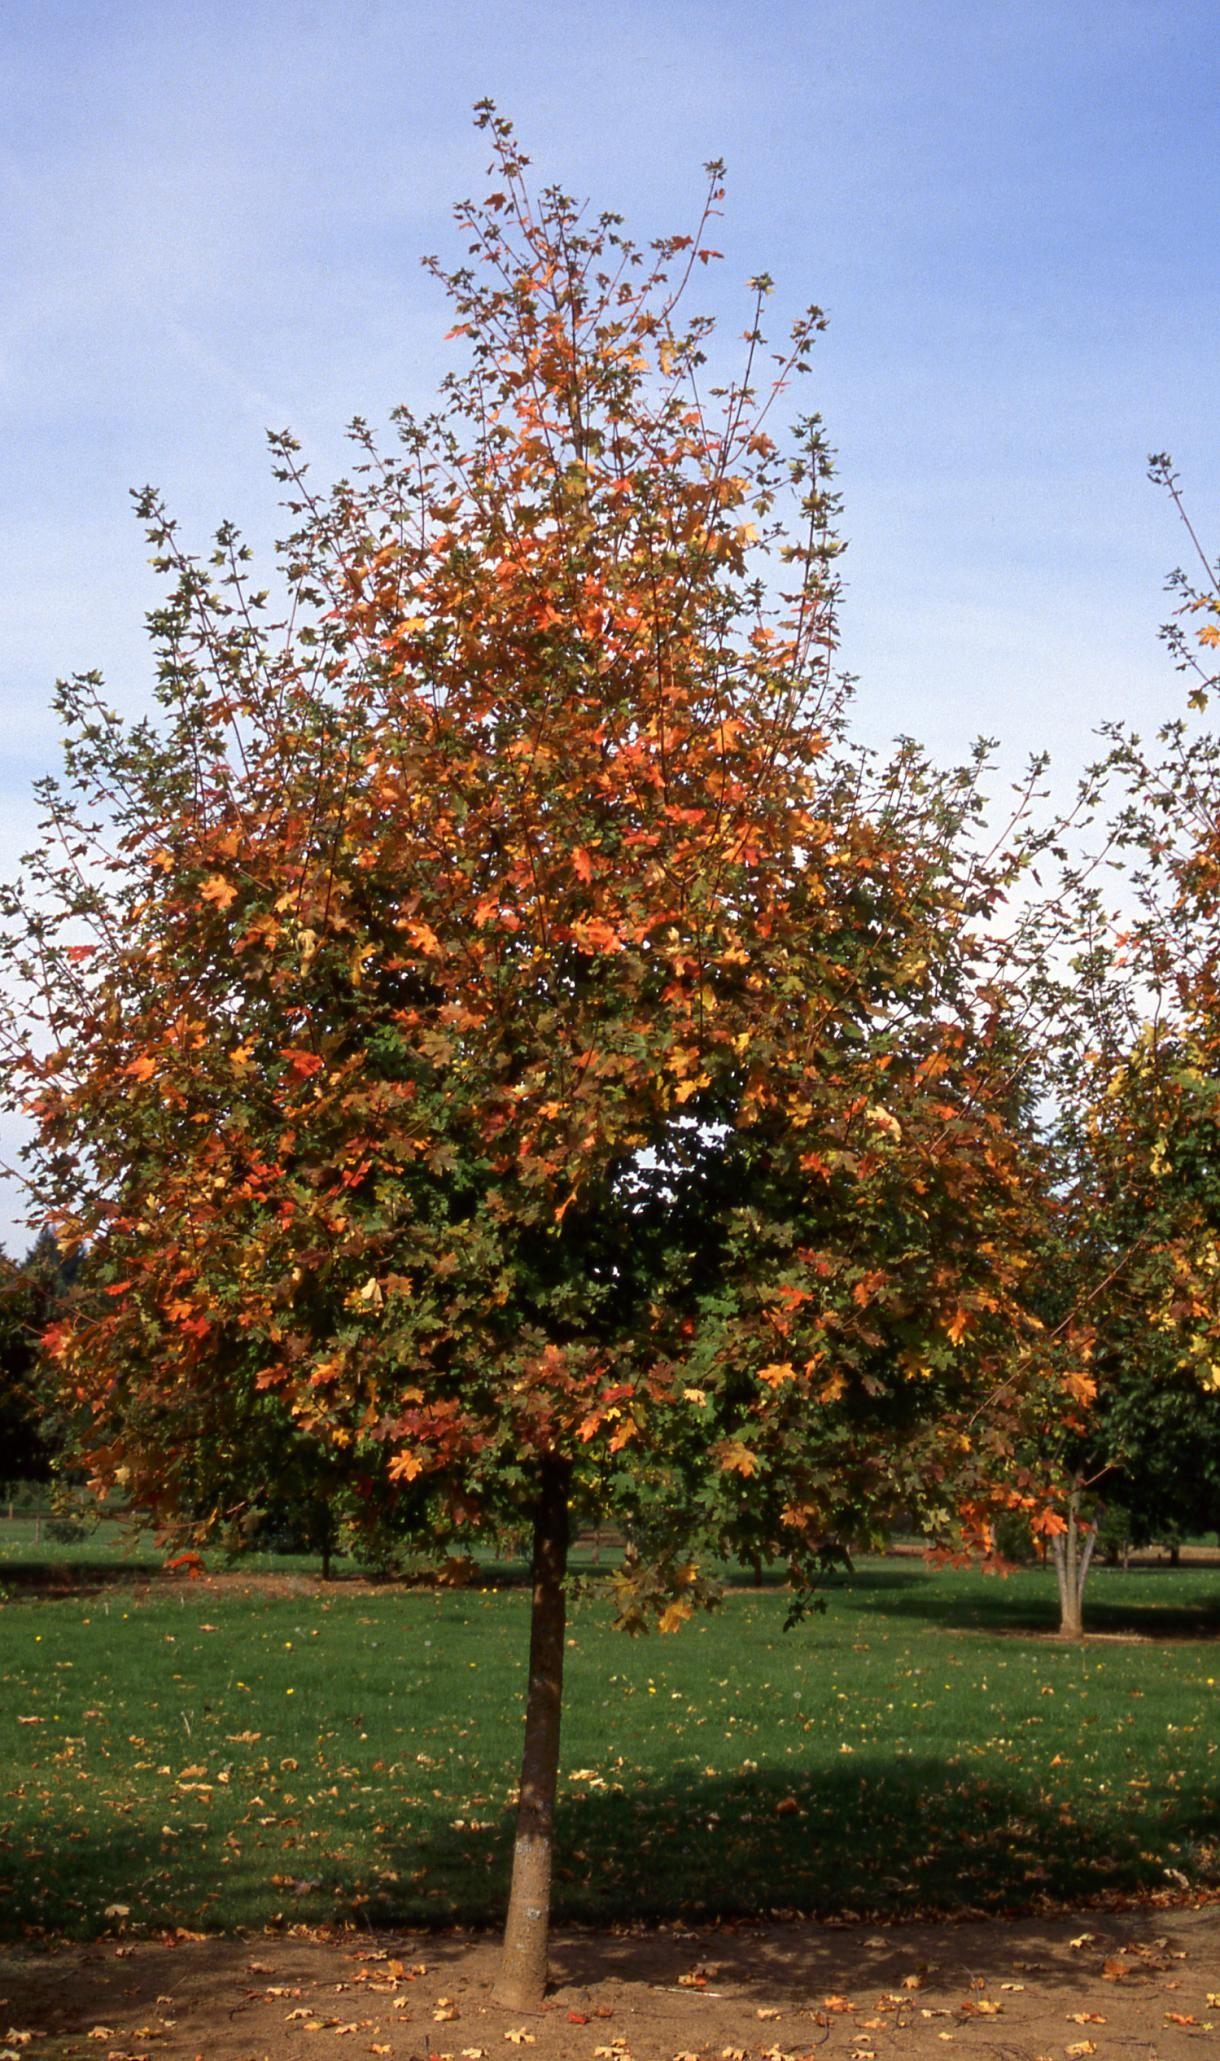 Maple, Bigtooth Rocky Mountain Glow® - TheTreeFarm.com